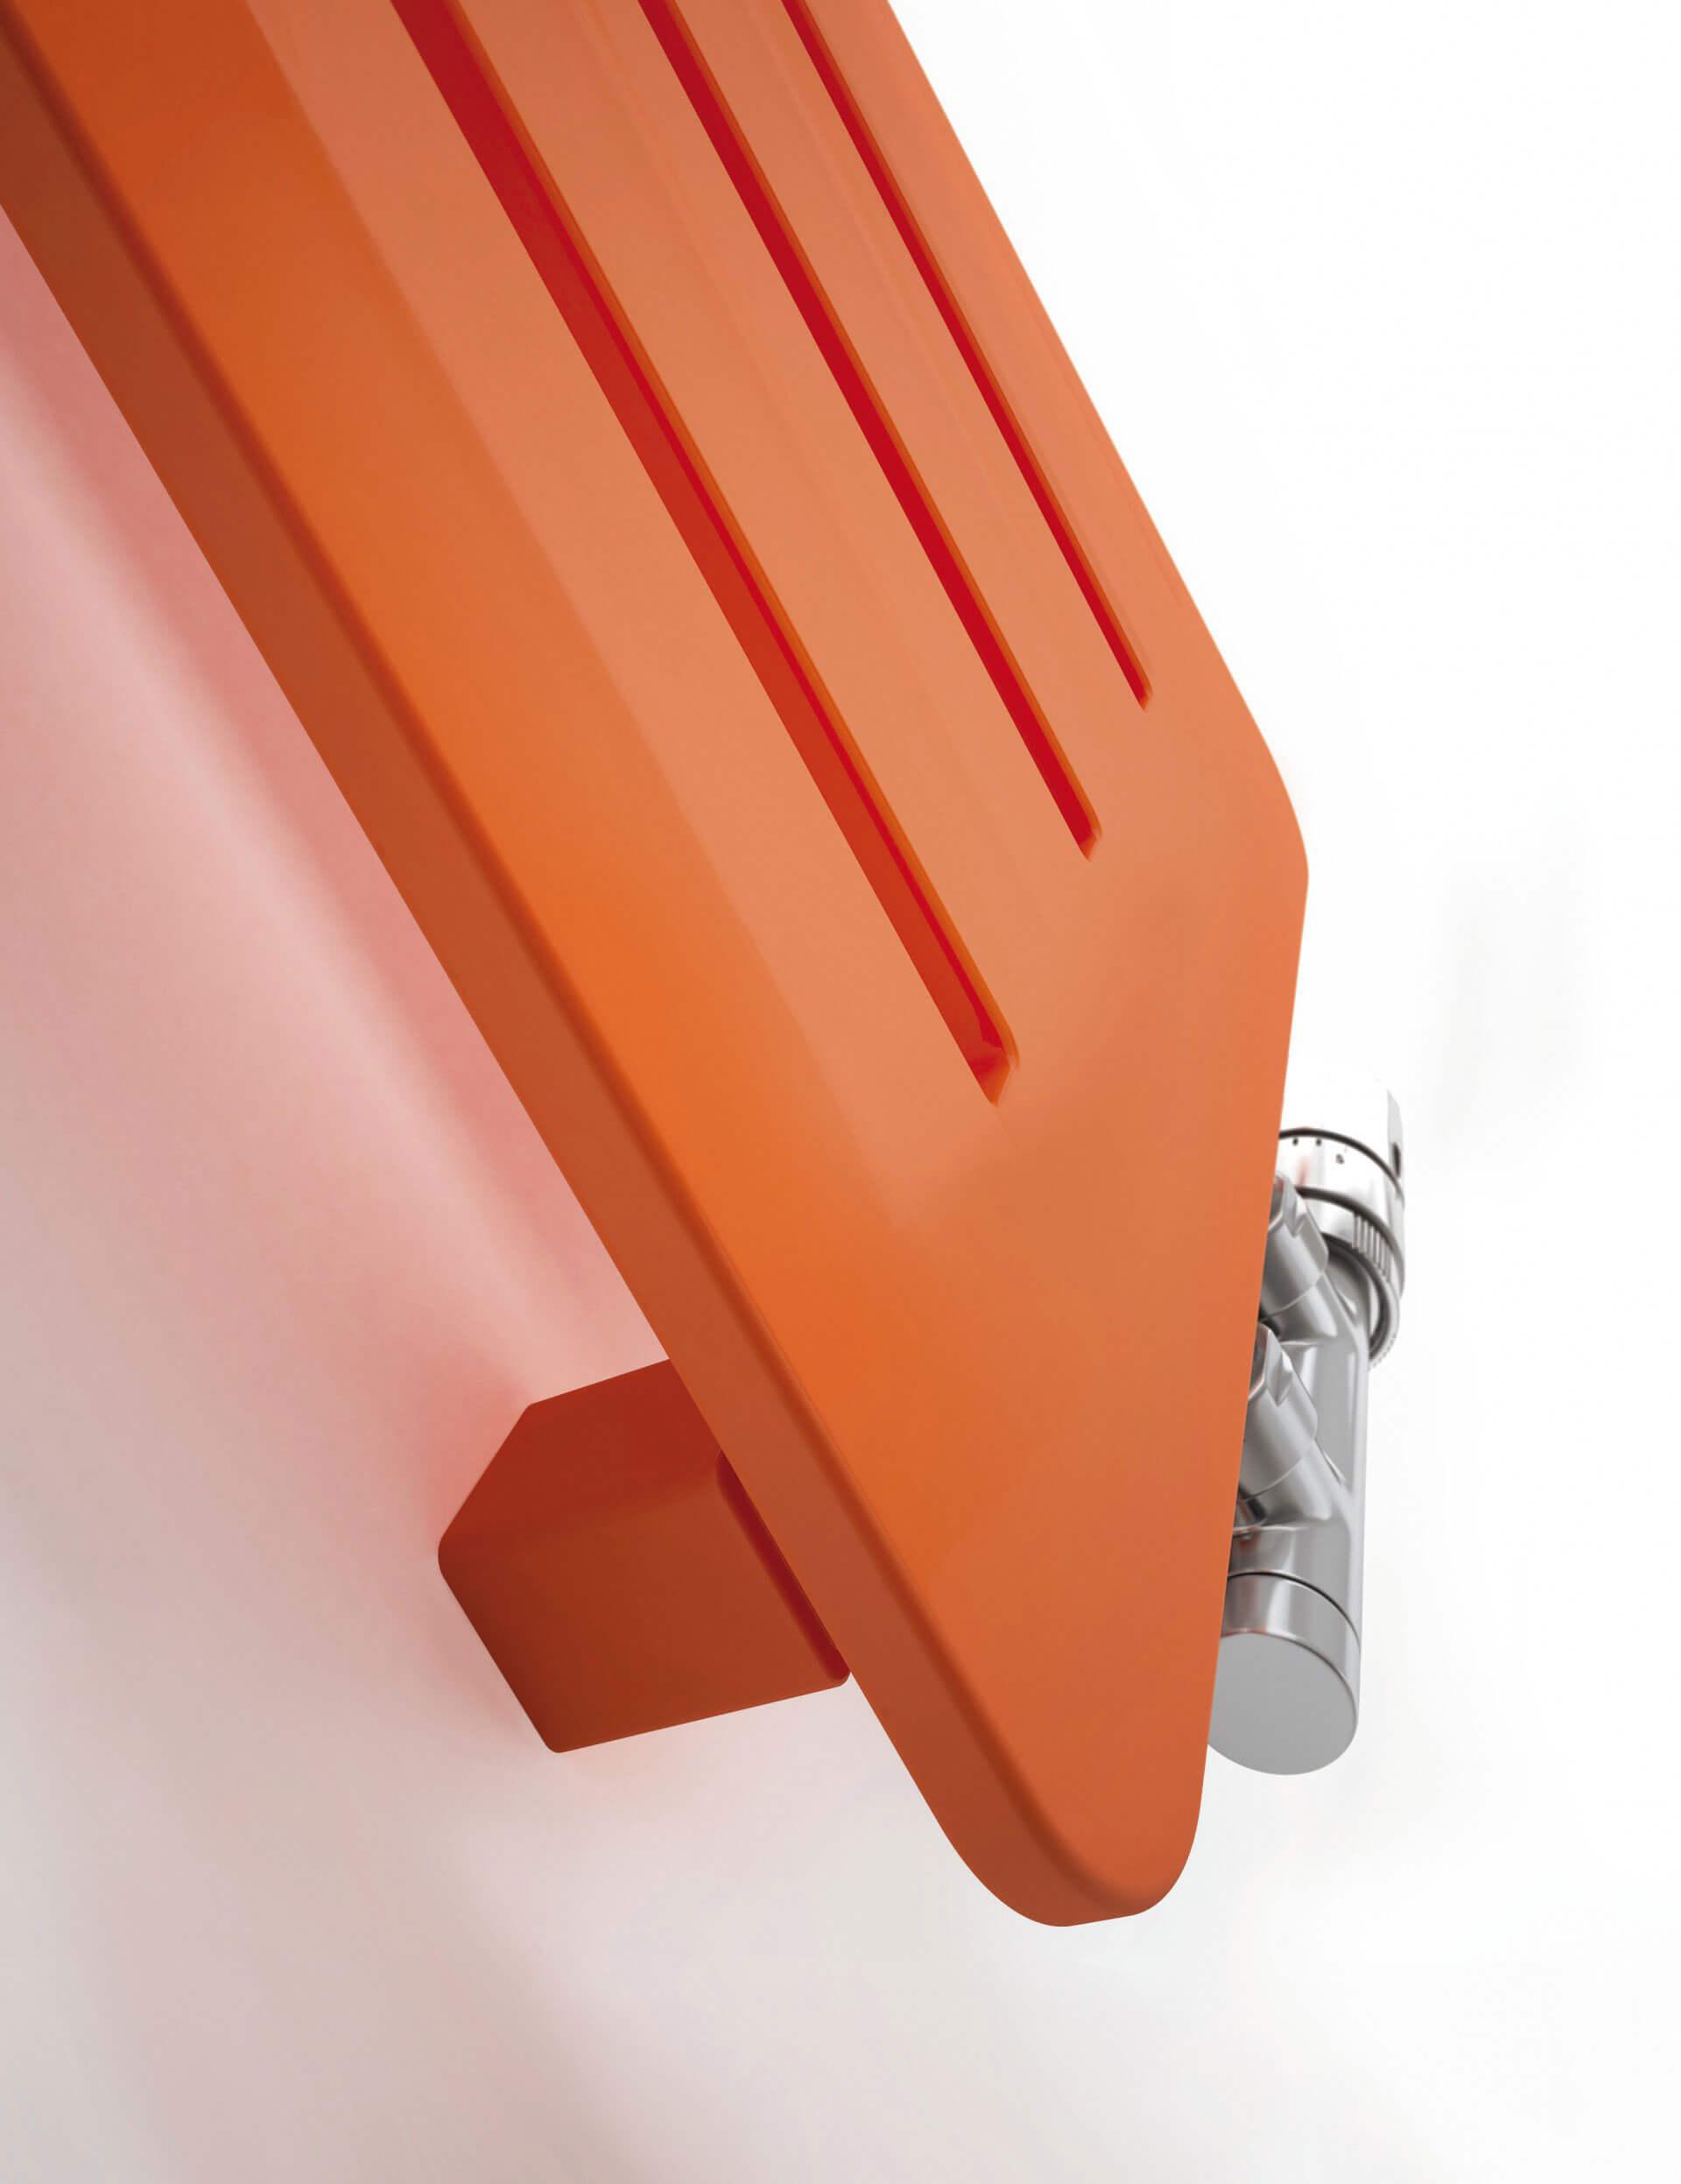 Termaheat Designer Radiators